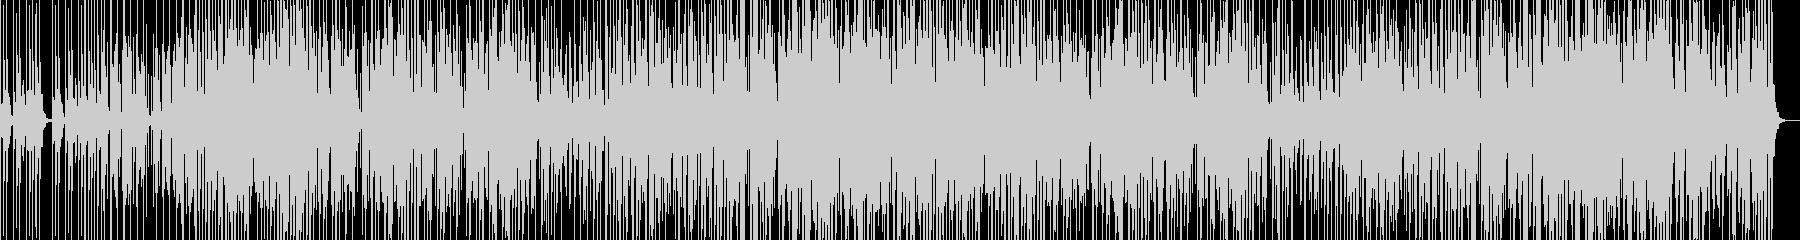 声と笛が絡み合う不思議なBGMの未再生の波形